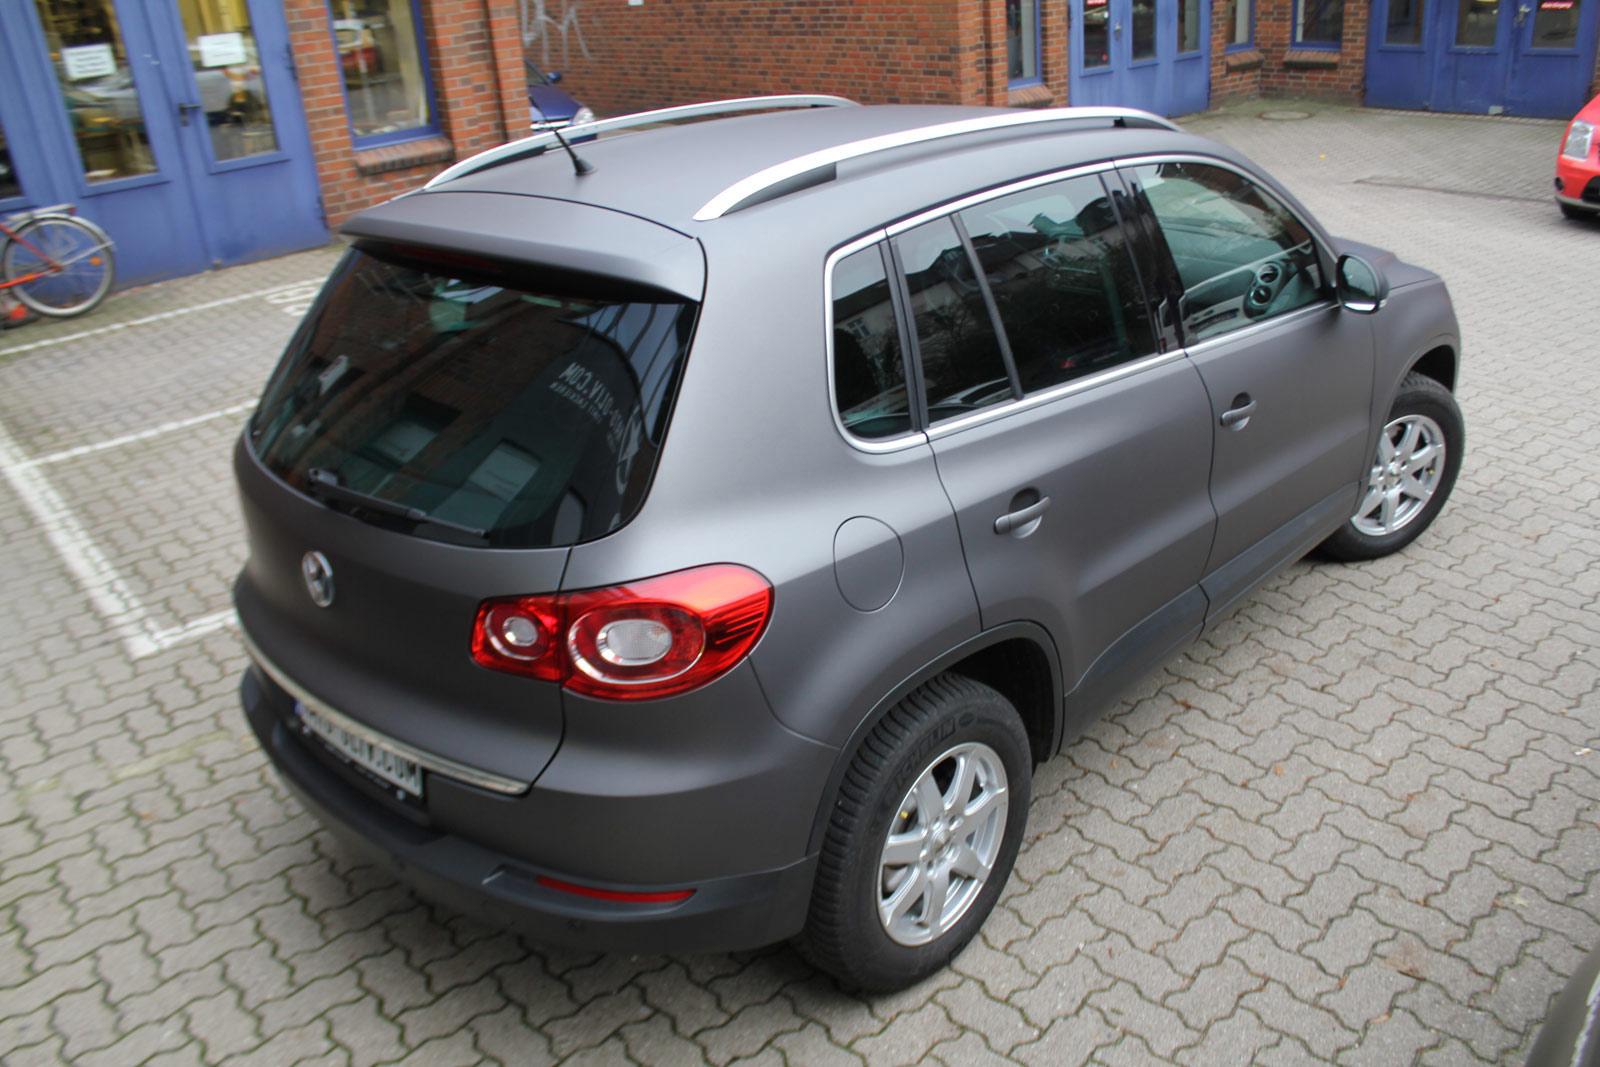 Heckansicht des VW Tiguan foliert in Anthrazit matt metallic.